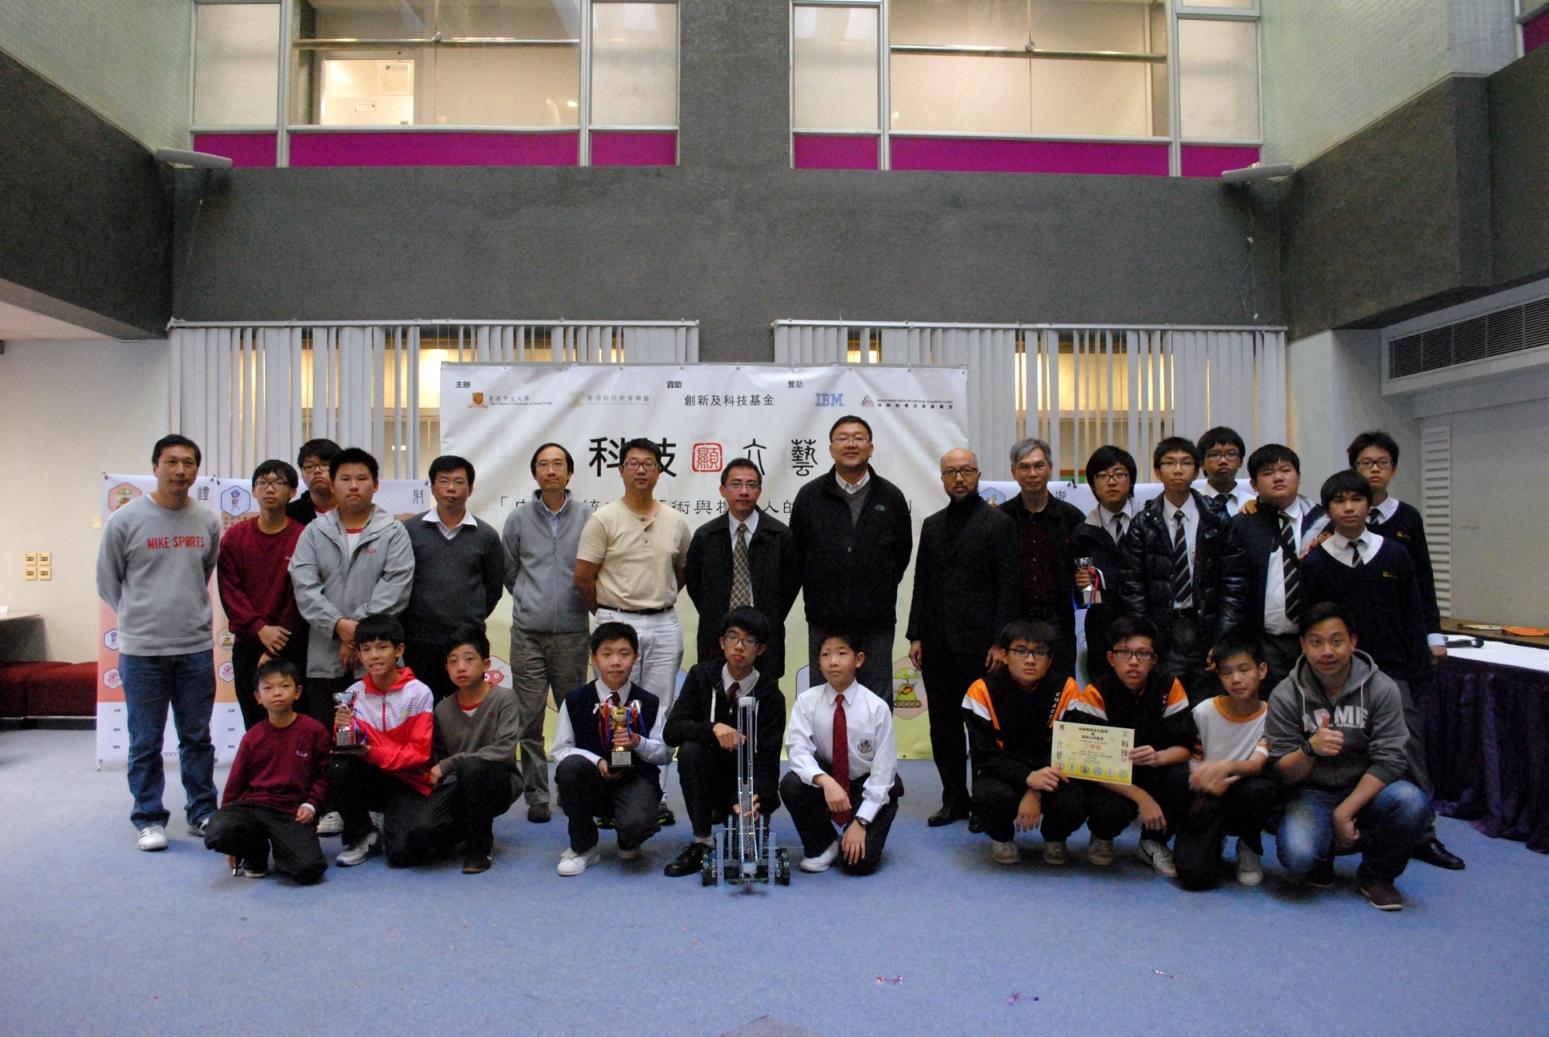 「科技显六艺」机械人创意比赛「射」艺组得奖队伍。